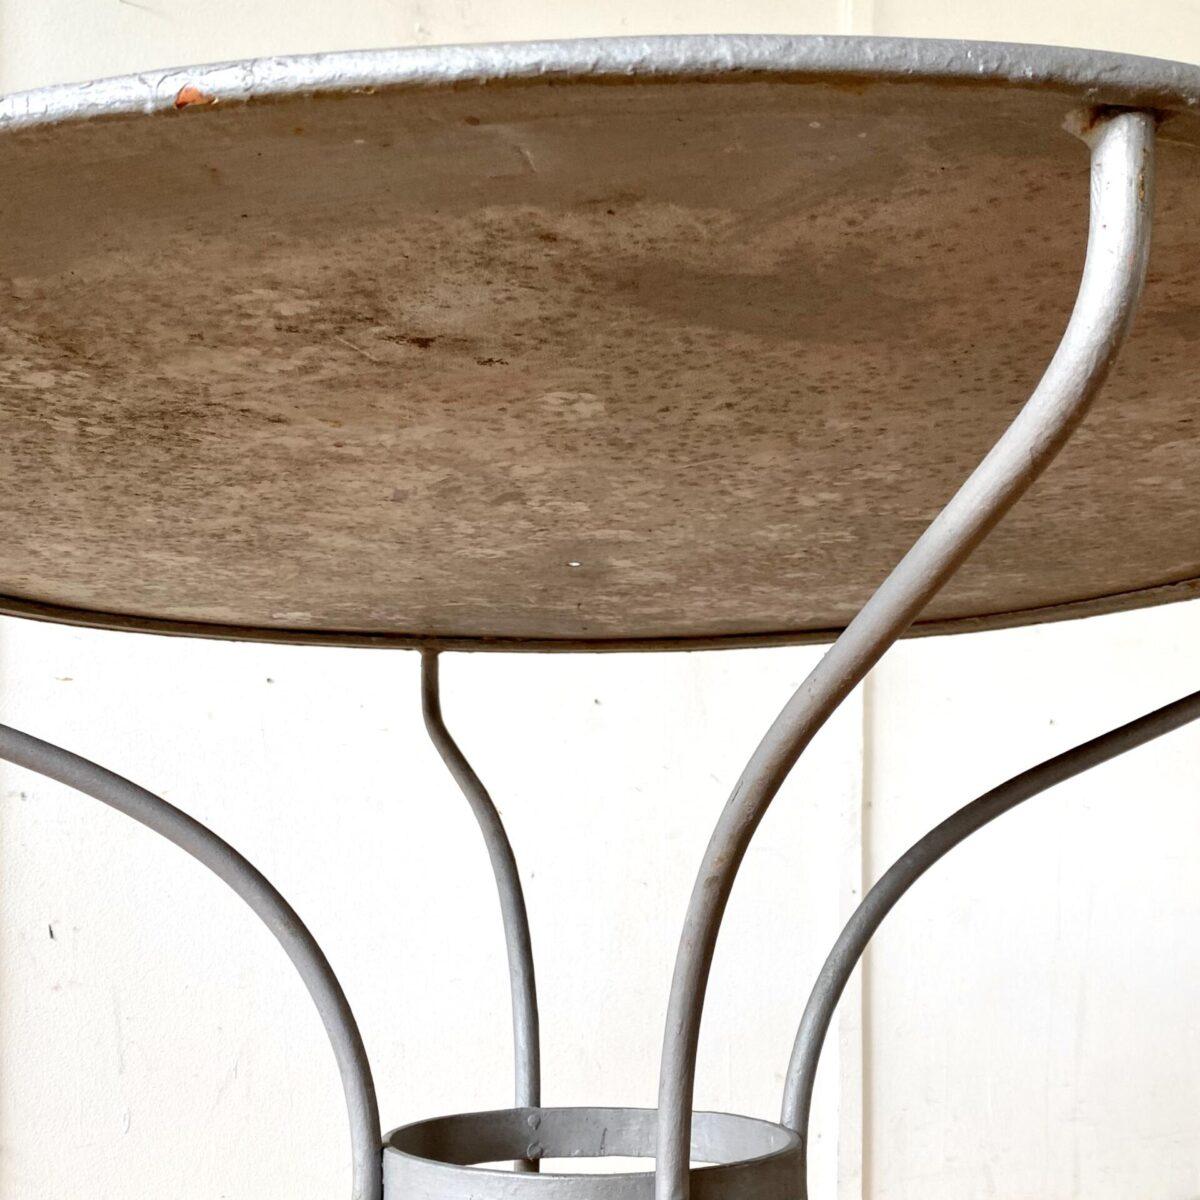 Deuxieme.shop antiker Metall Gartentisch designklassiker. Runder Jugenstil Metall Gartentisch. Durchmesser 91cm Höhe 75cm. Das Tischblatt ist etwas uneben und hat ein kleines Loch. Der Tisch wurde mal angemalt, ich tippe auf eine Zinkgrundierung, keine gröberen Roststellen oder Durchrostungen. Wäre auch eine gute Basis um das Tischblatt in einer Wunschfarbe zu malen oder lackieren.